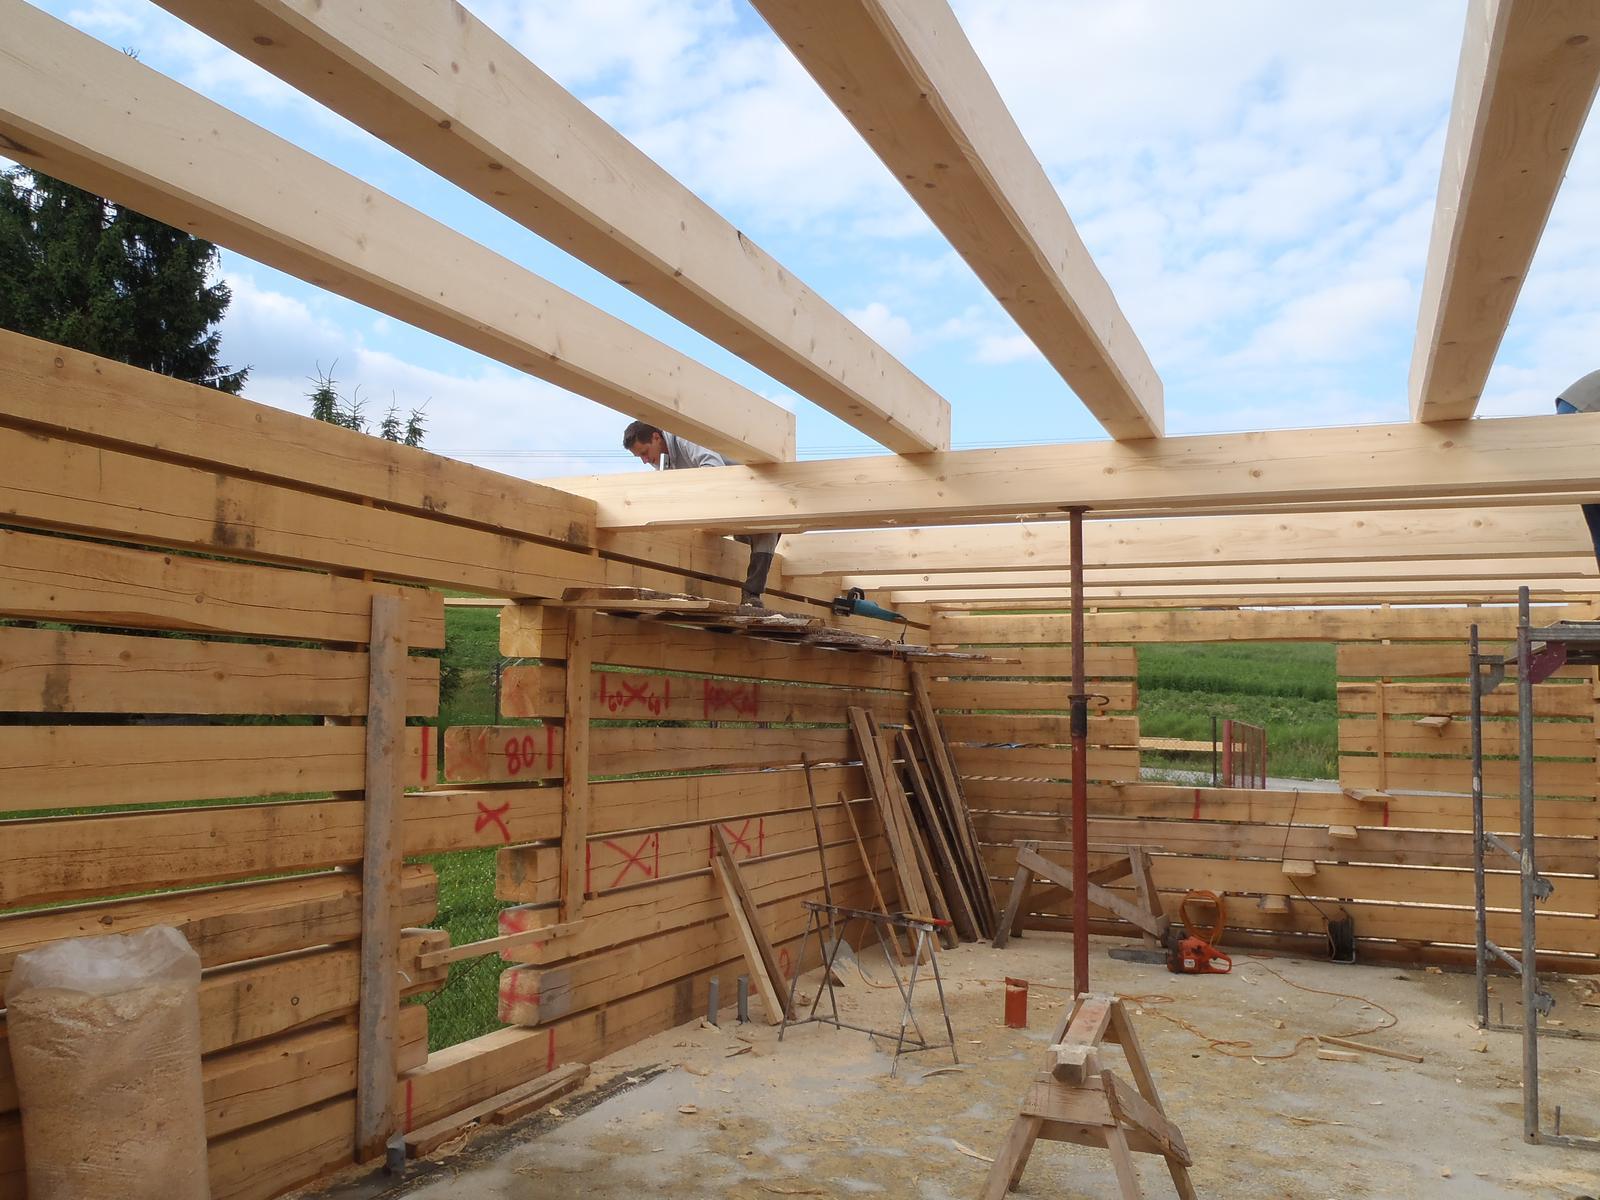 Náš veľký sen o drevenom domčeku! - Obrázok č. 97